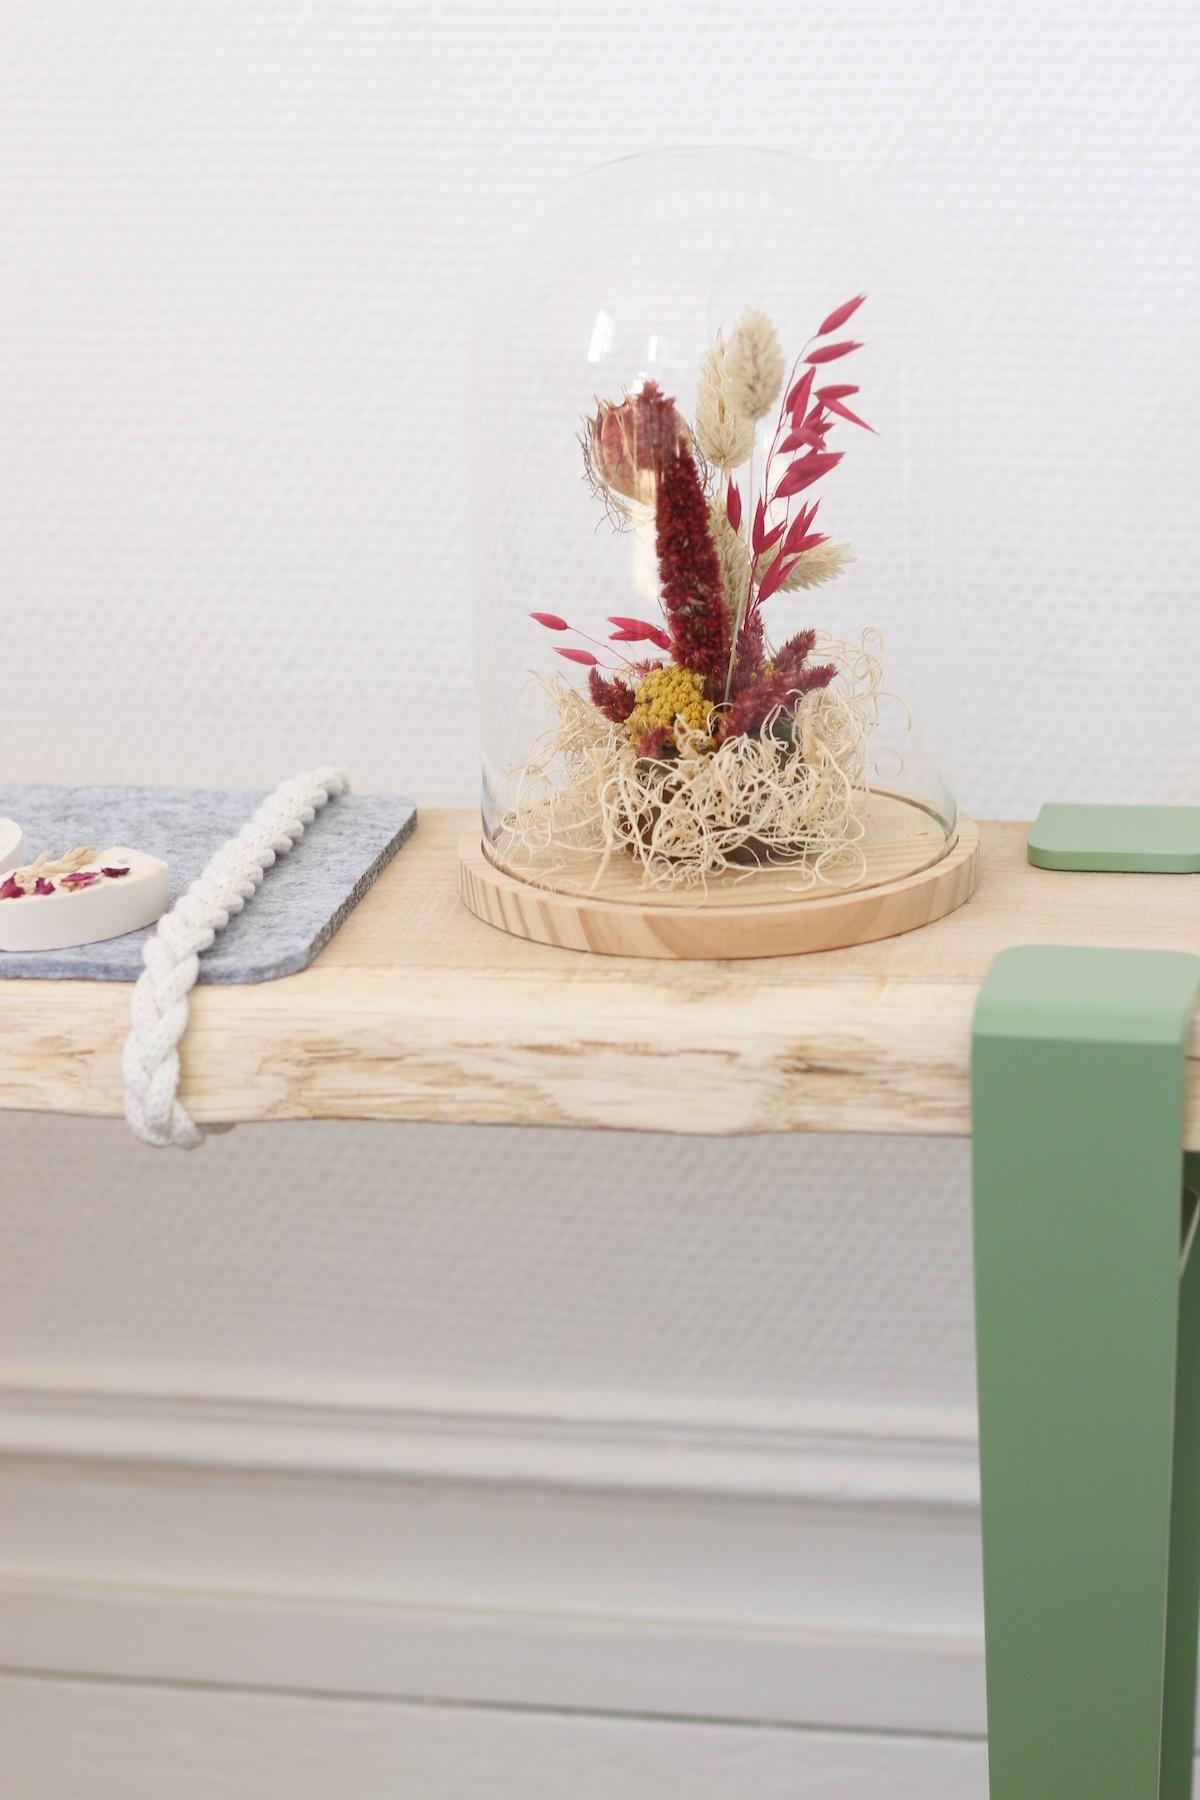 banc d'entrée DIY bois vitrine fleur séchée création déco - blog clem around the corner